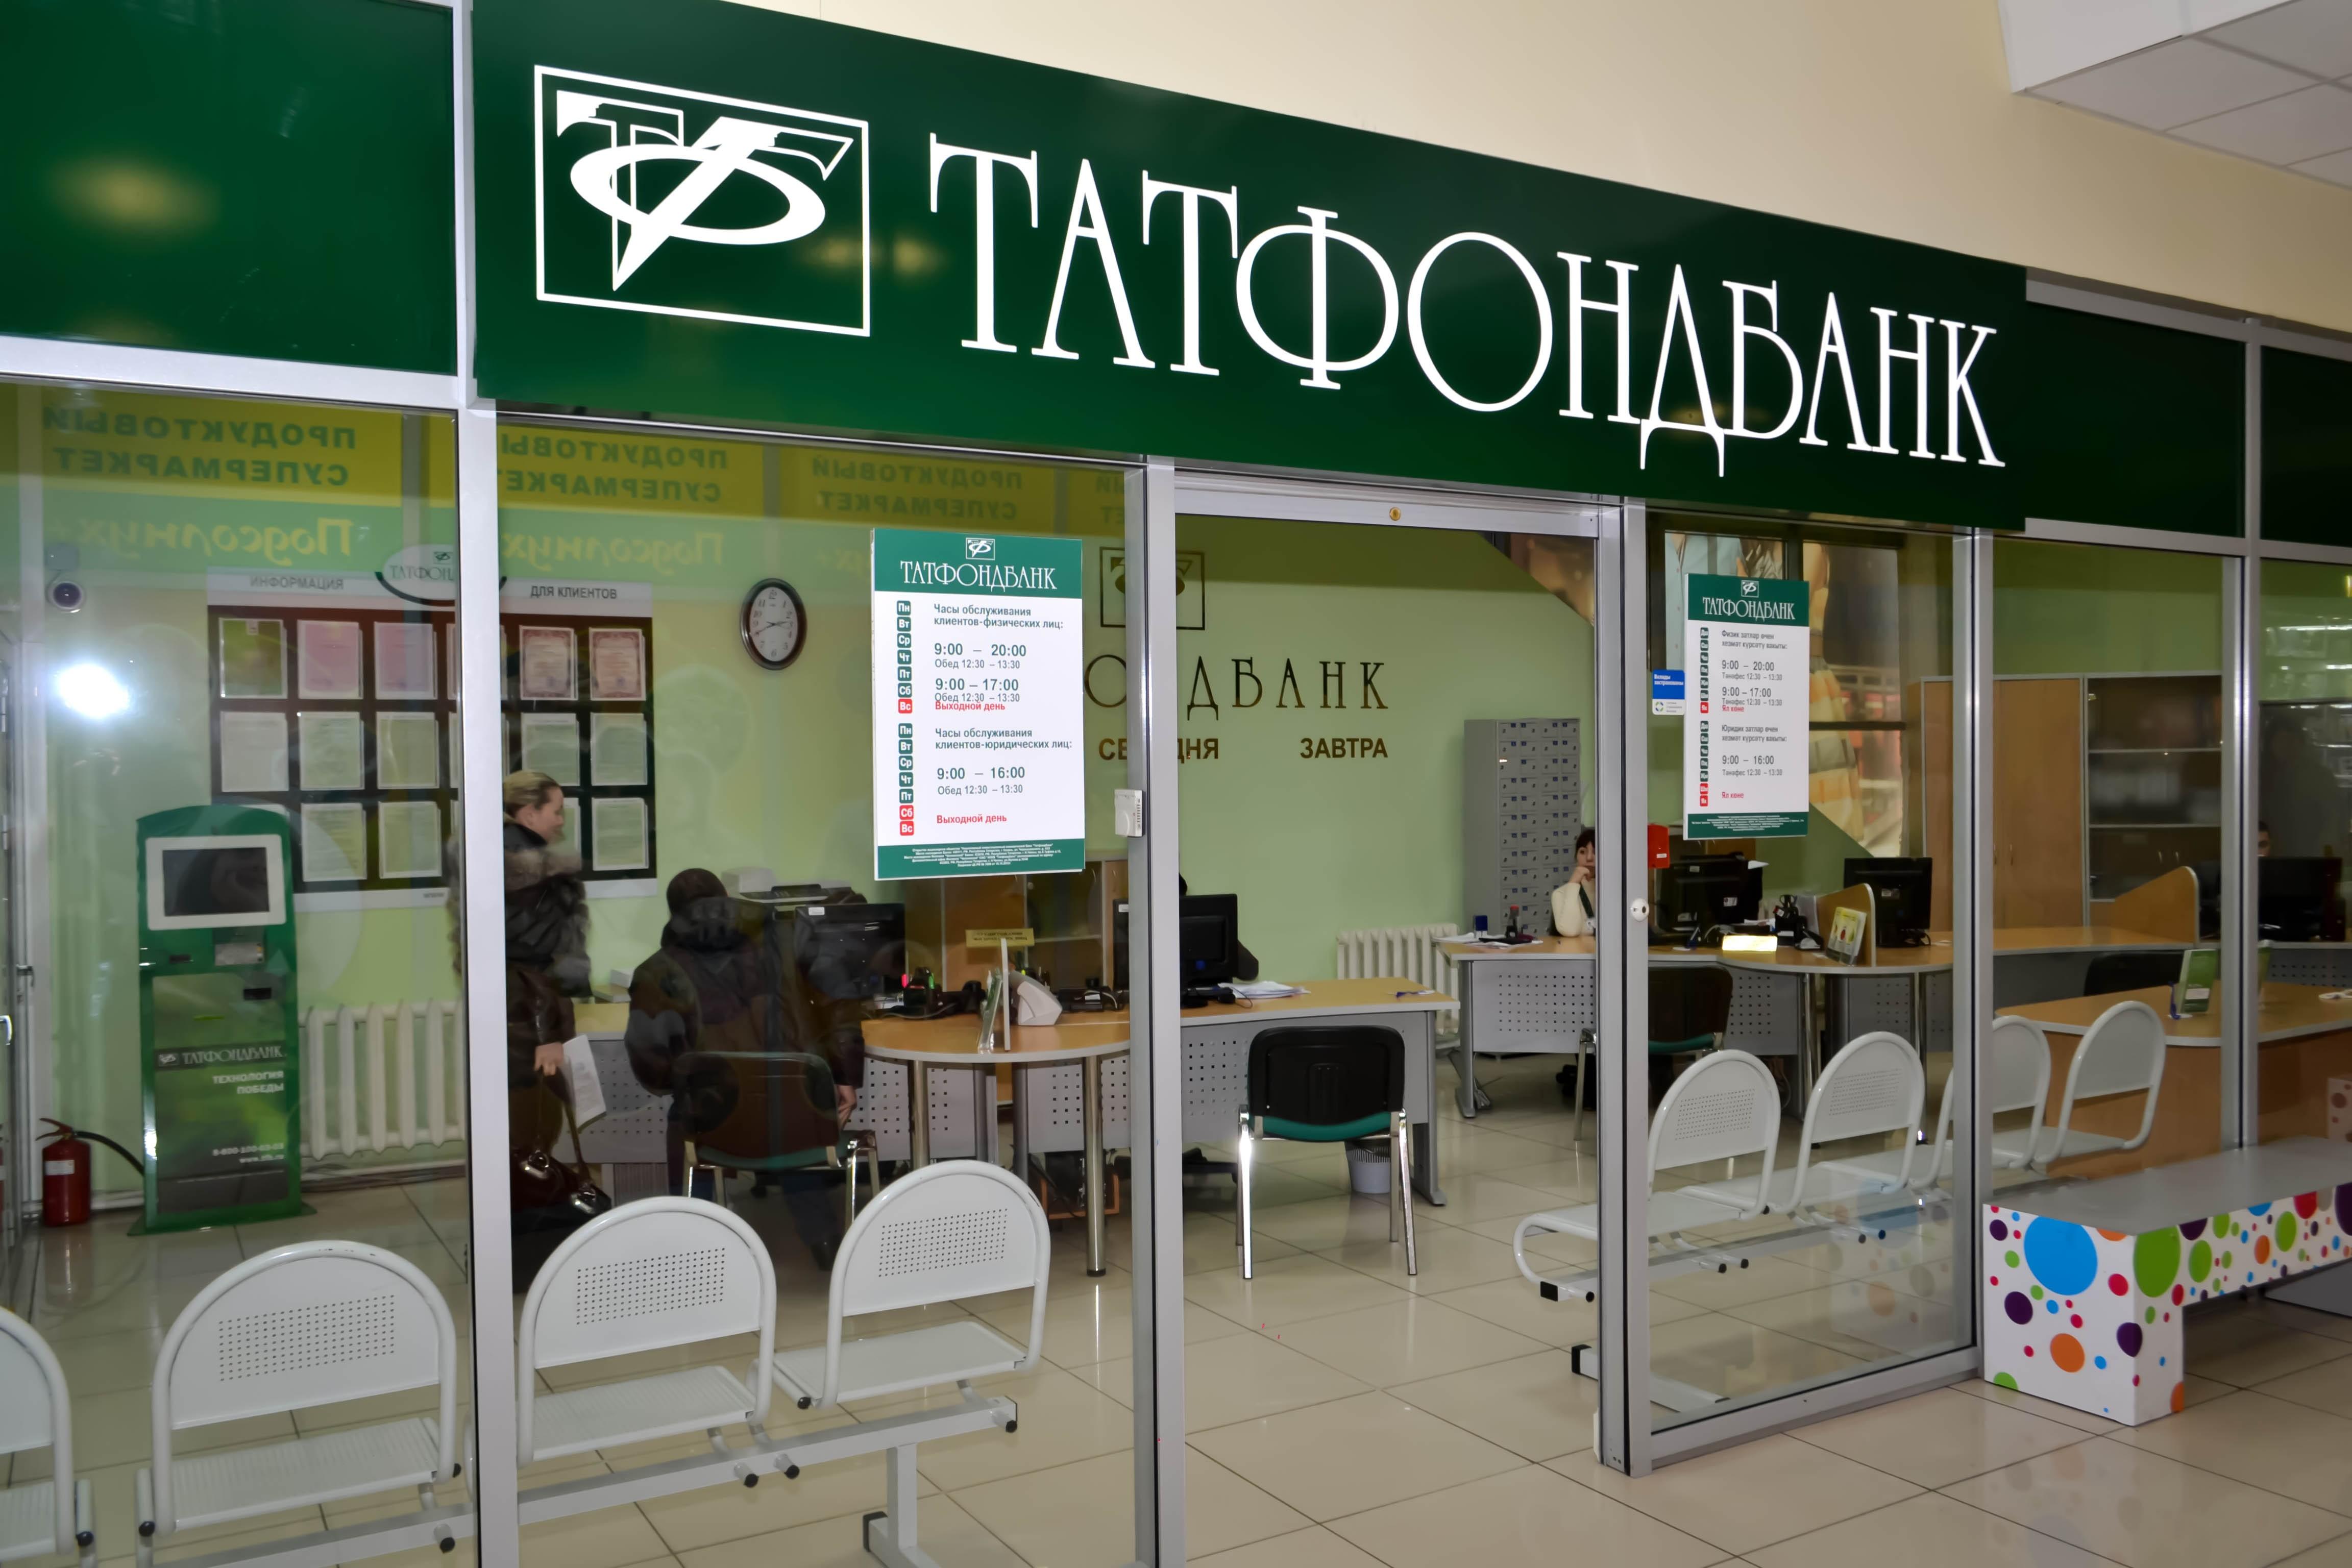 Суд признал недействительными сделки «Татфондбанка» на115,3 млн руб.